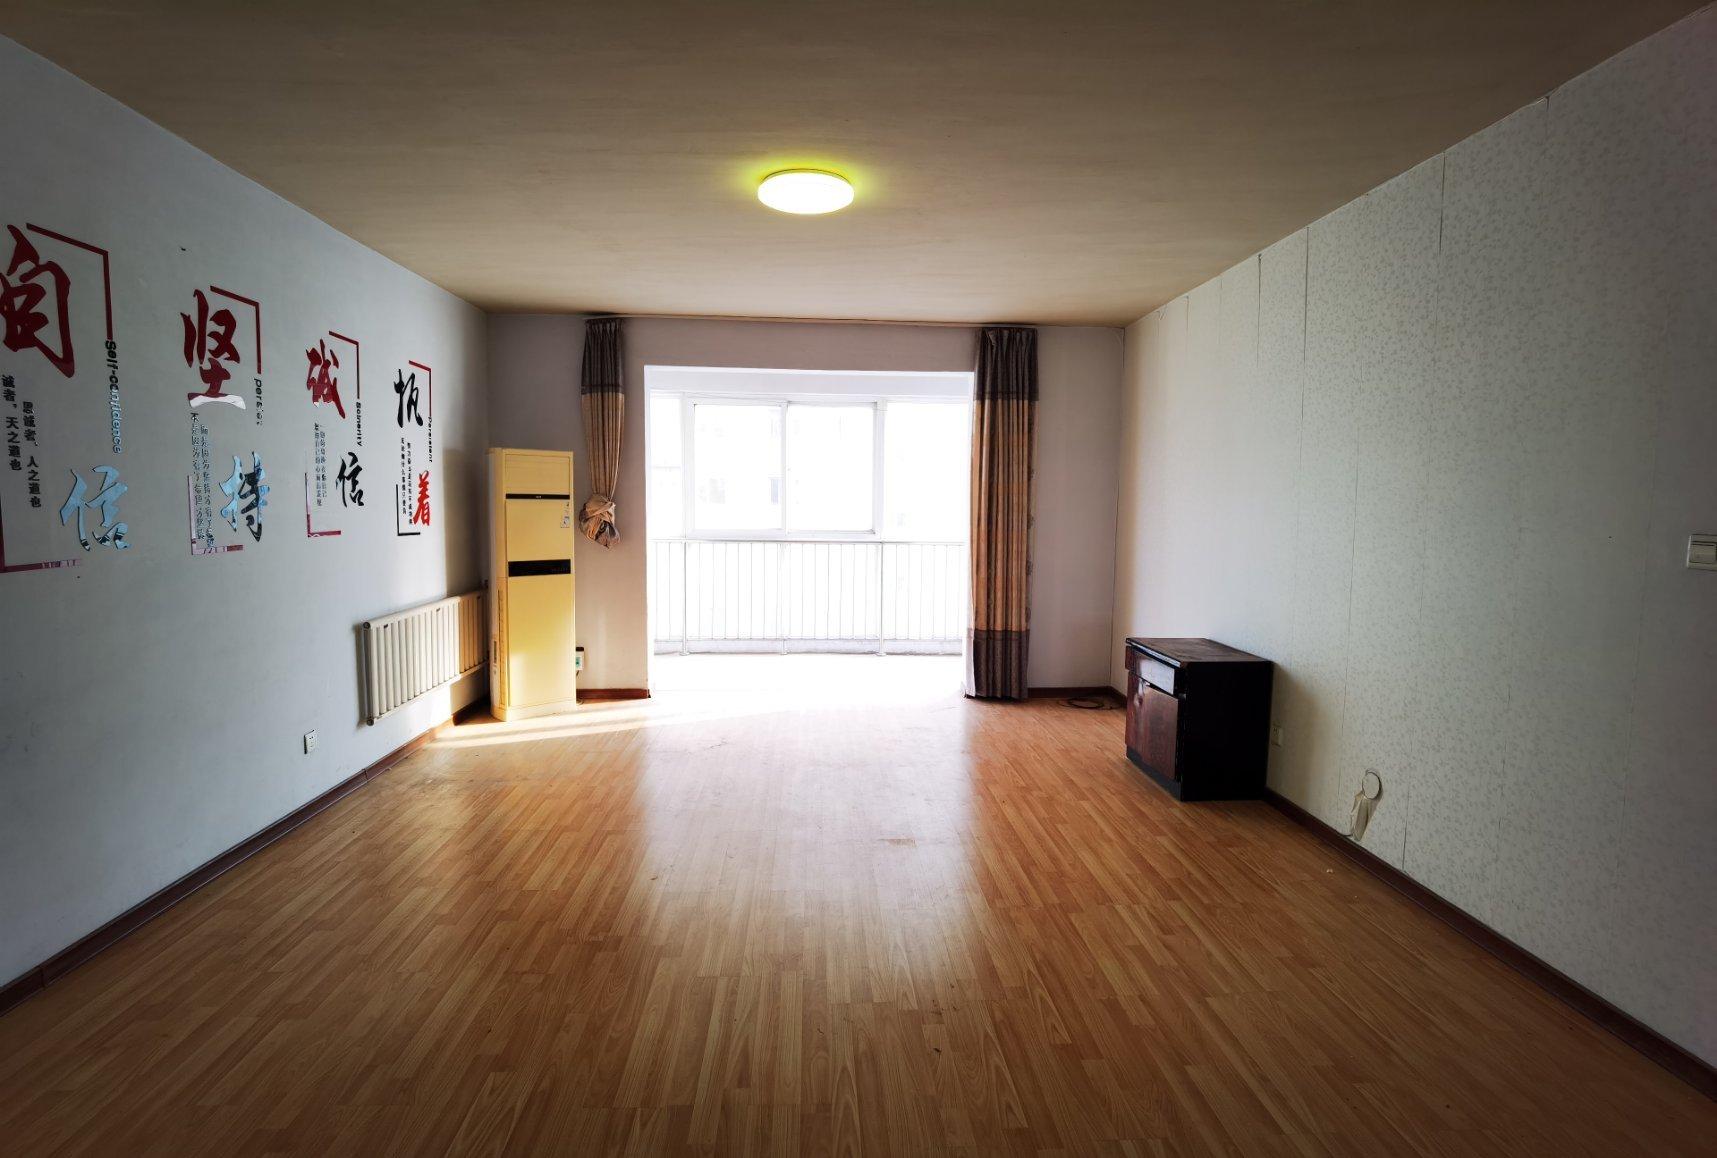 东郡西苑 简装4室 176平142万 单价八千 南北通透